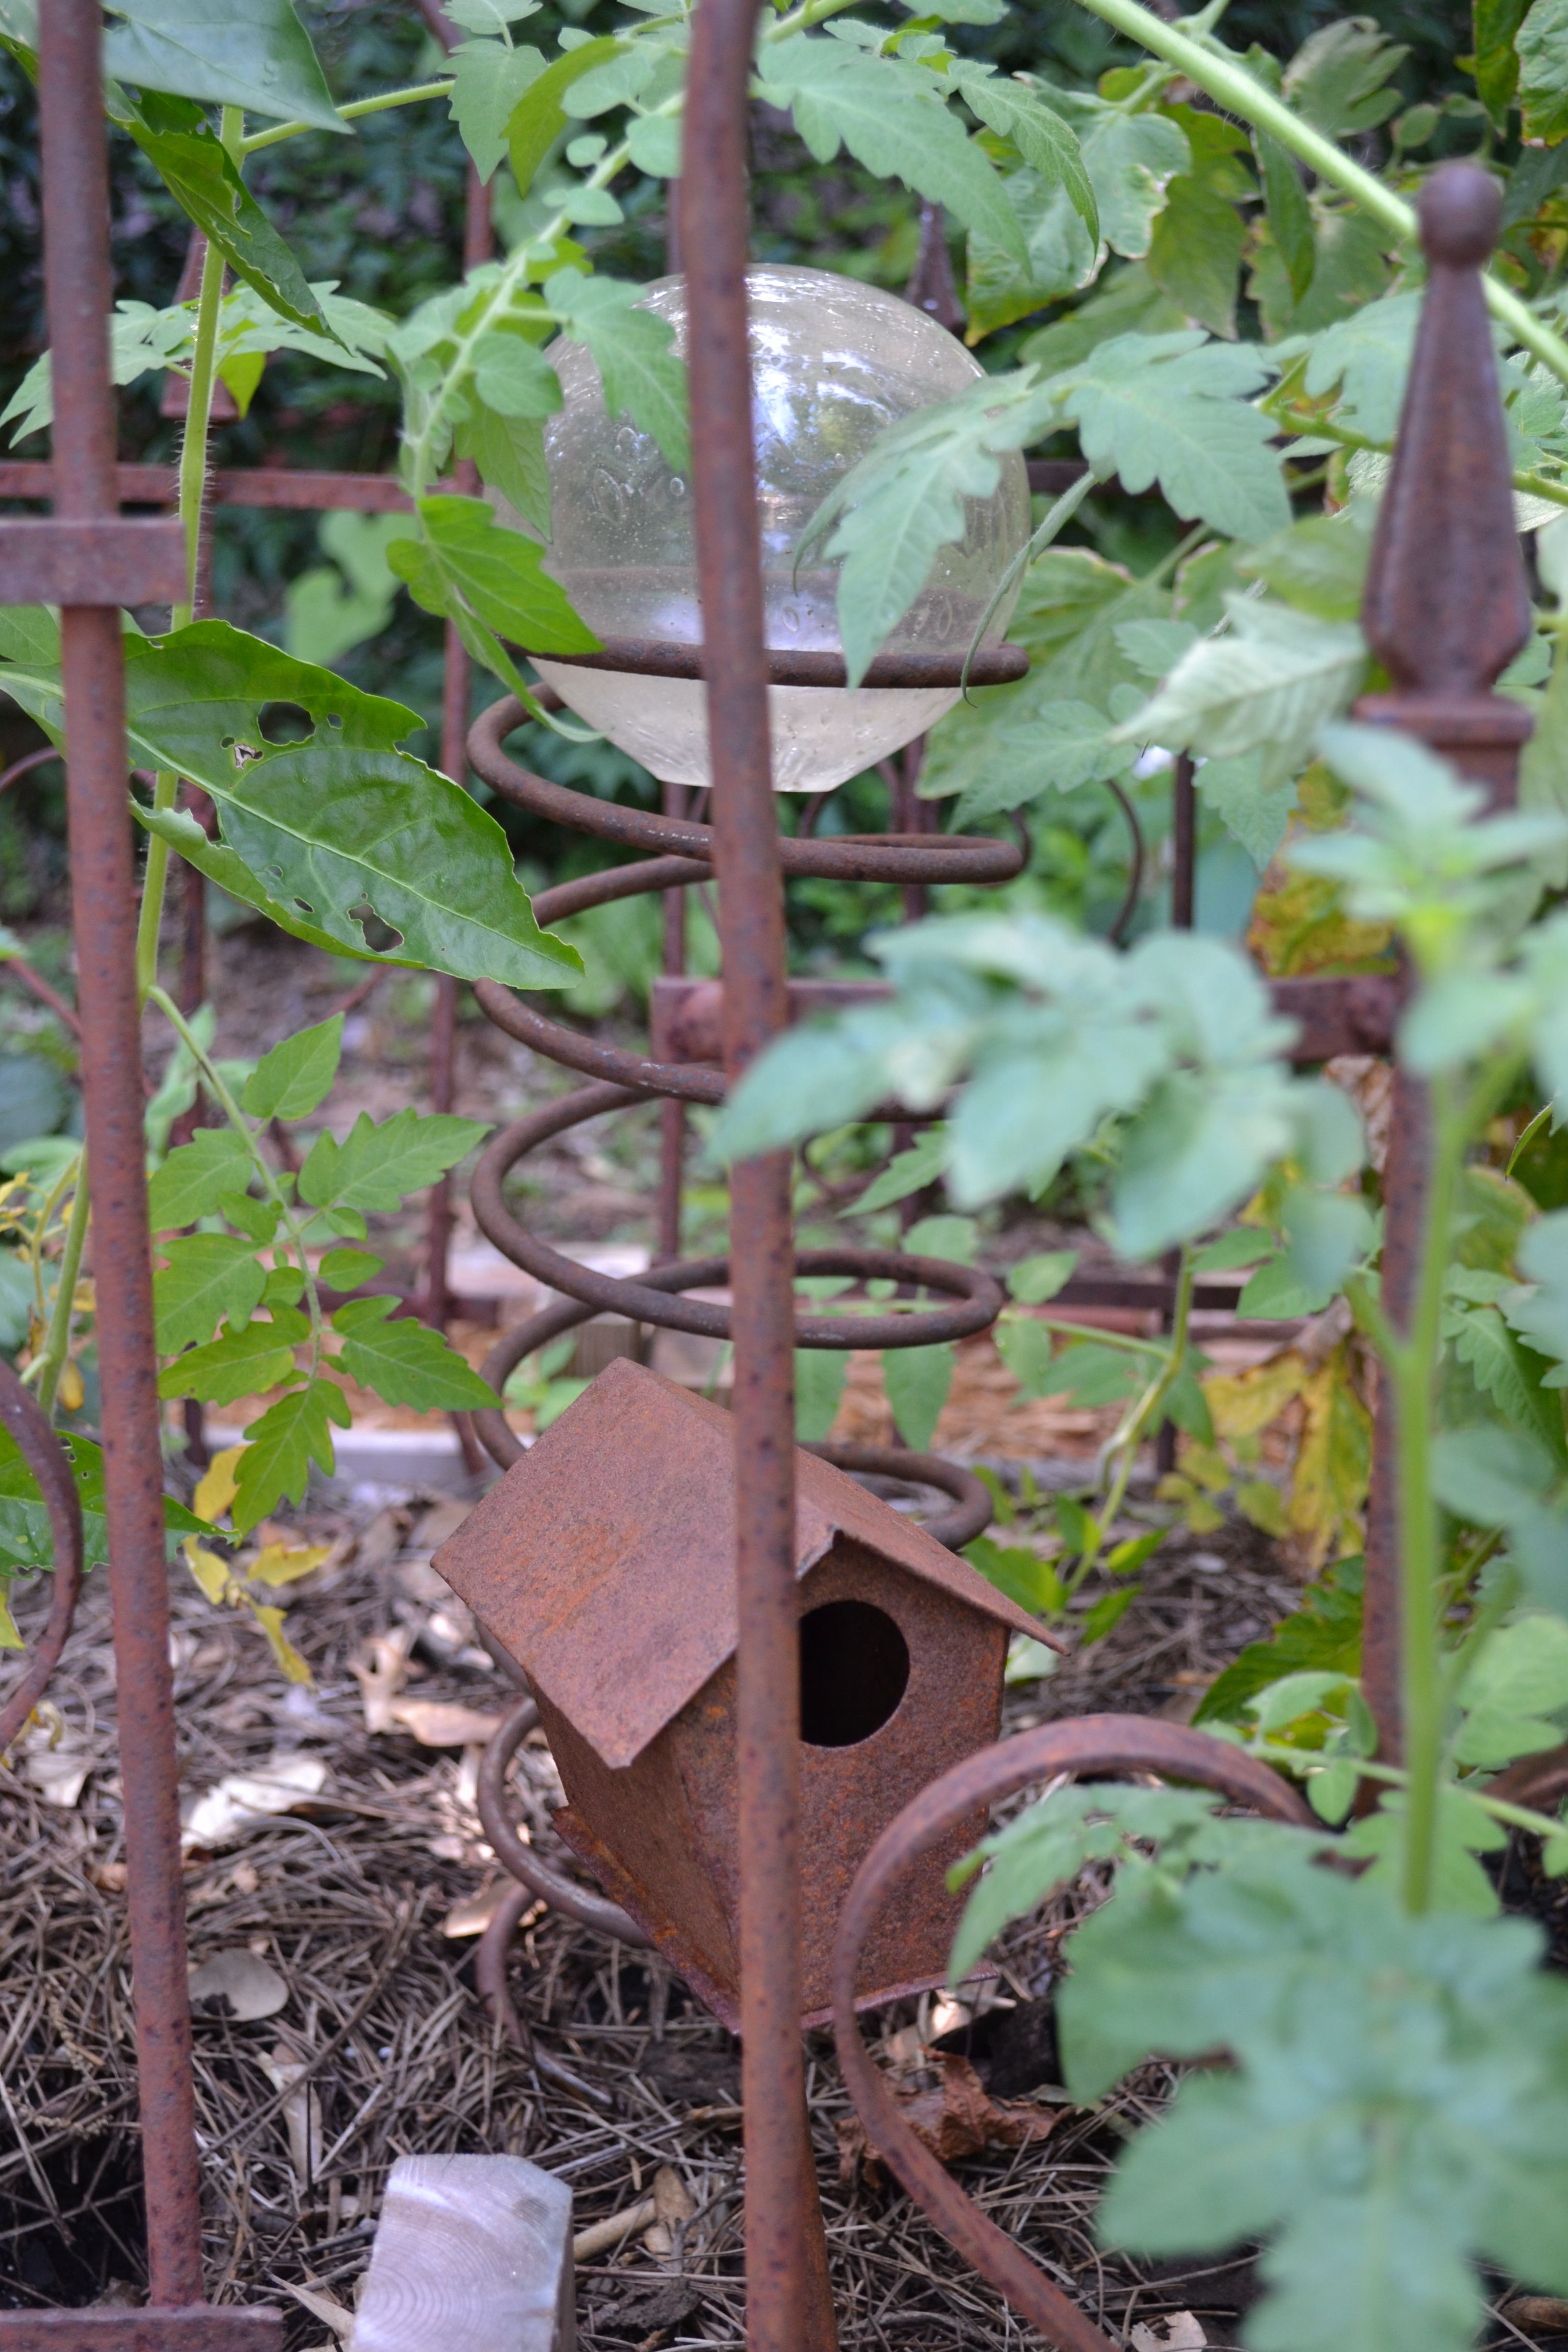 Repurposed an old rusty car spring into garden art | My own garden ...